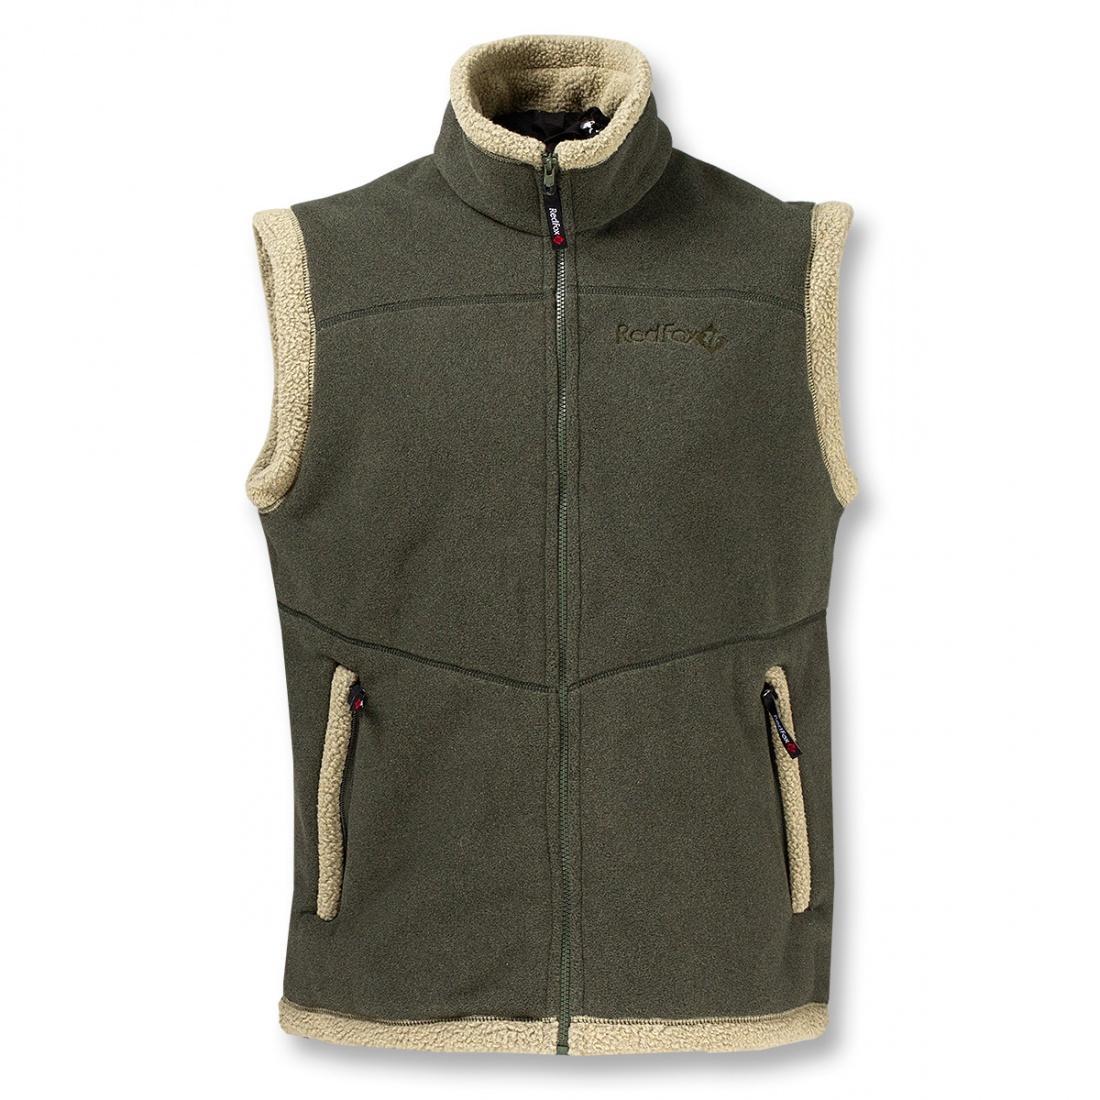 Жилет LhasaЖилеты<br><br> Очень теплый жилет из материала Polartec® 300, выполненный в стилистике куртки Cliff.<br><br><br> Основные характеристики<br><br><br><br><br>воротник ...<br><br>Цвет: Зеленый<br>Размер: 50